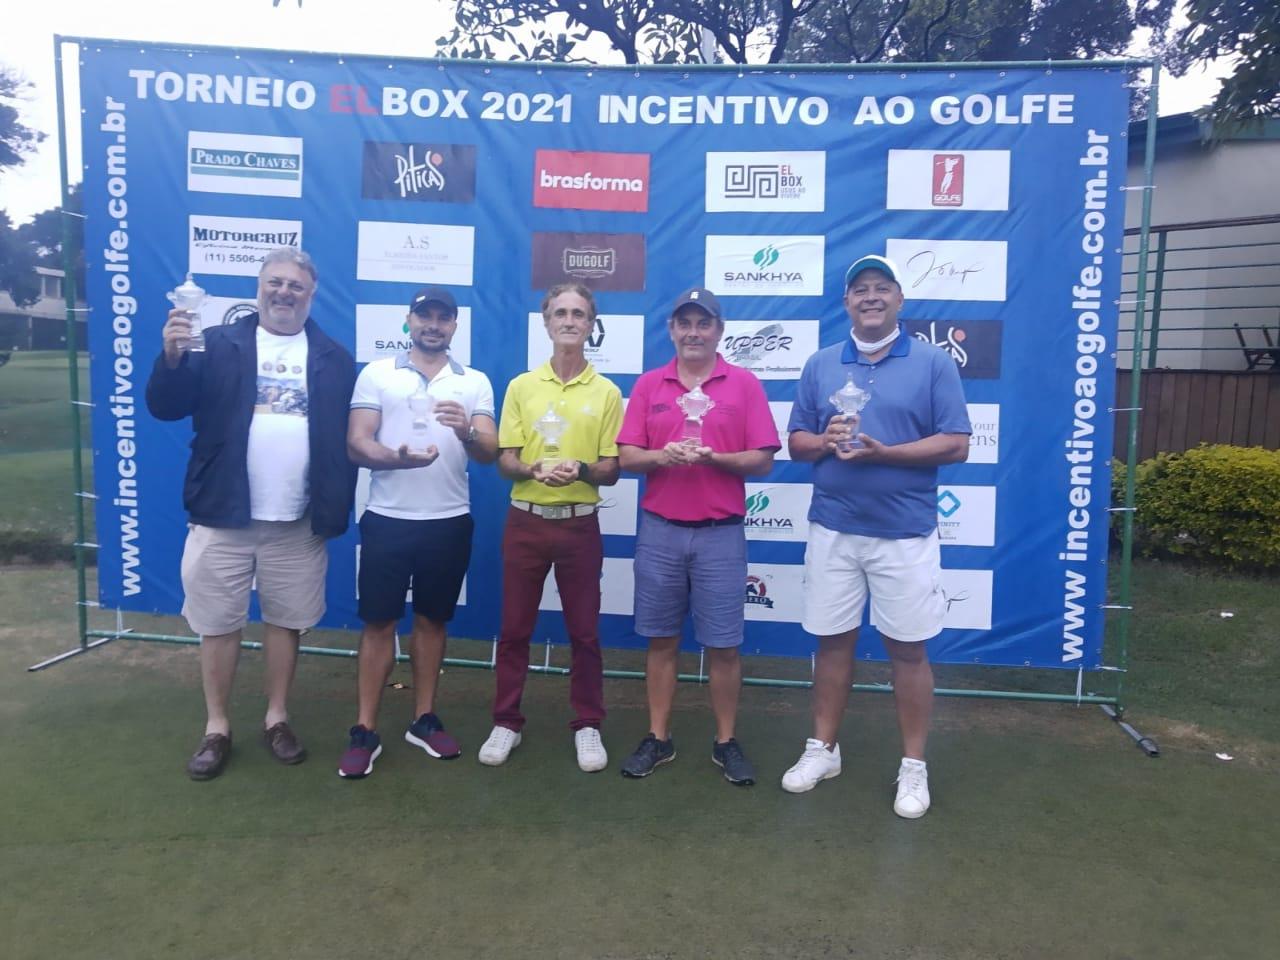 Campeões do Torneio Incentivo ao Golfe no Honda Gonf Center